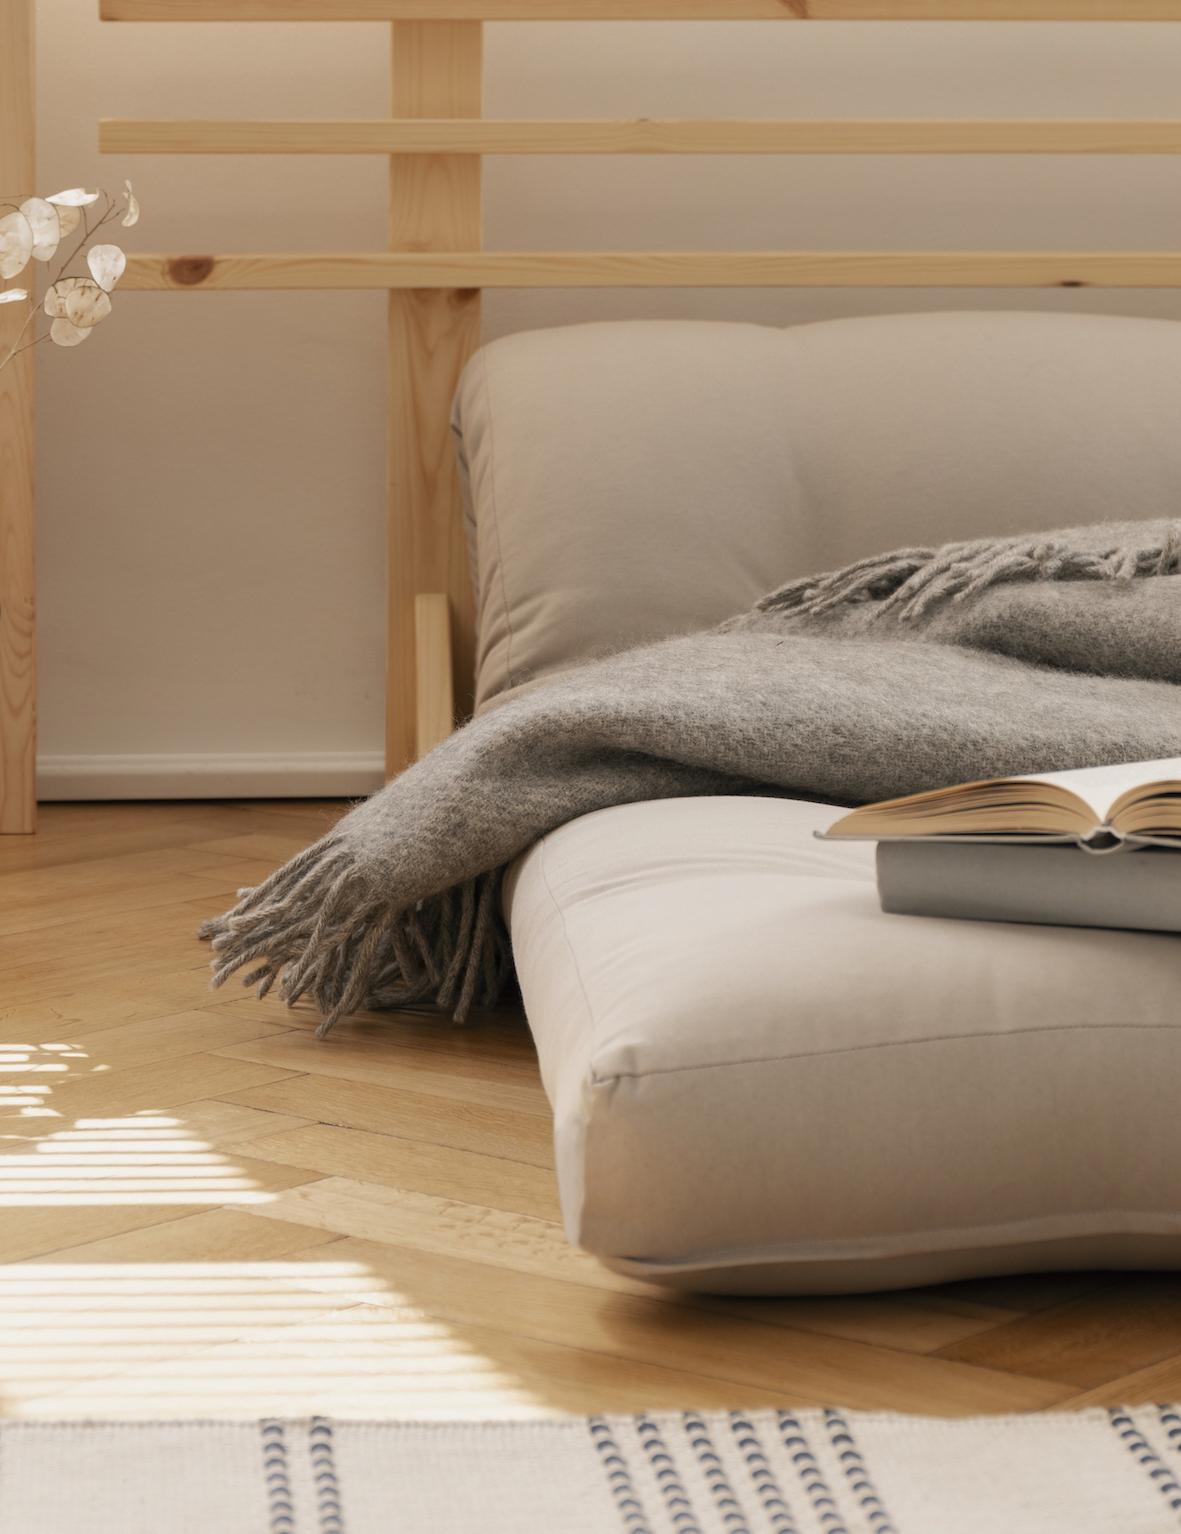 futon-de-algodon-en-dormitorio